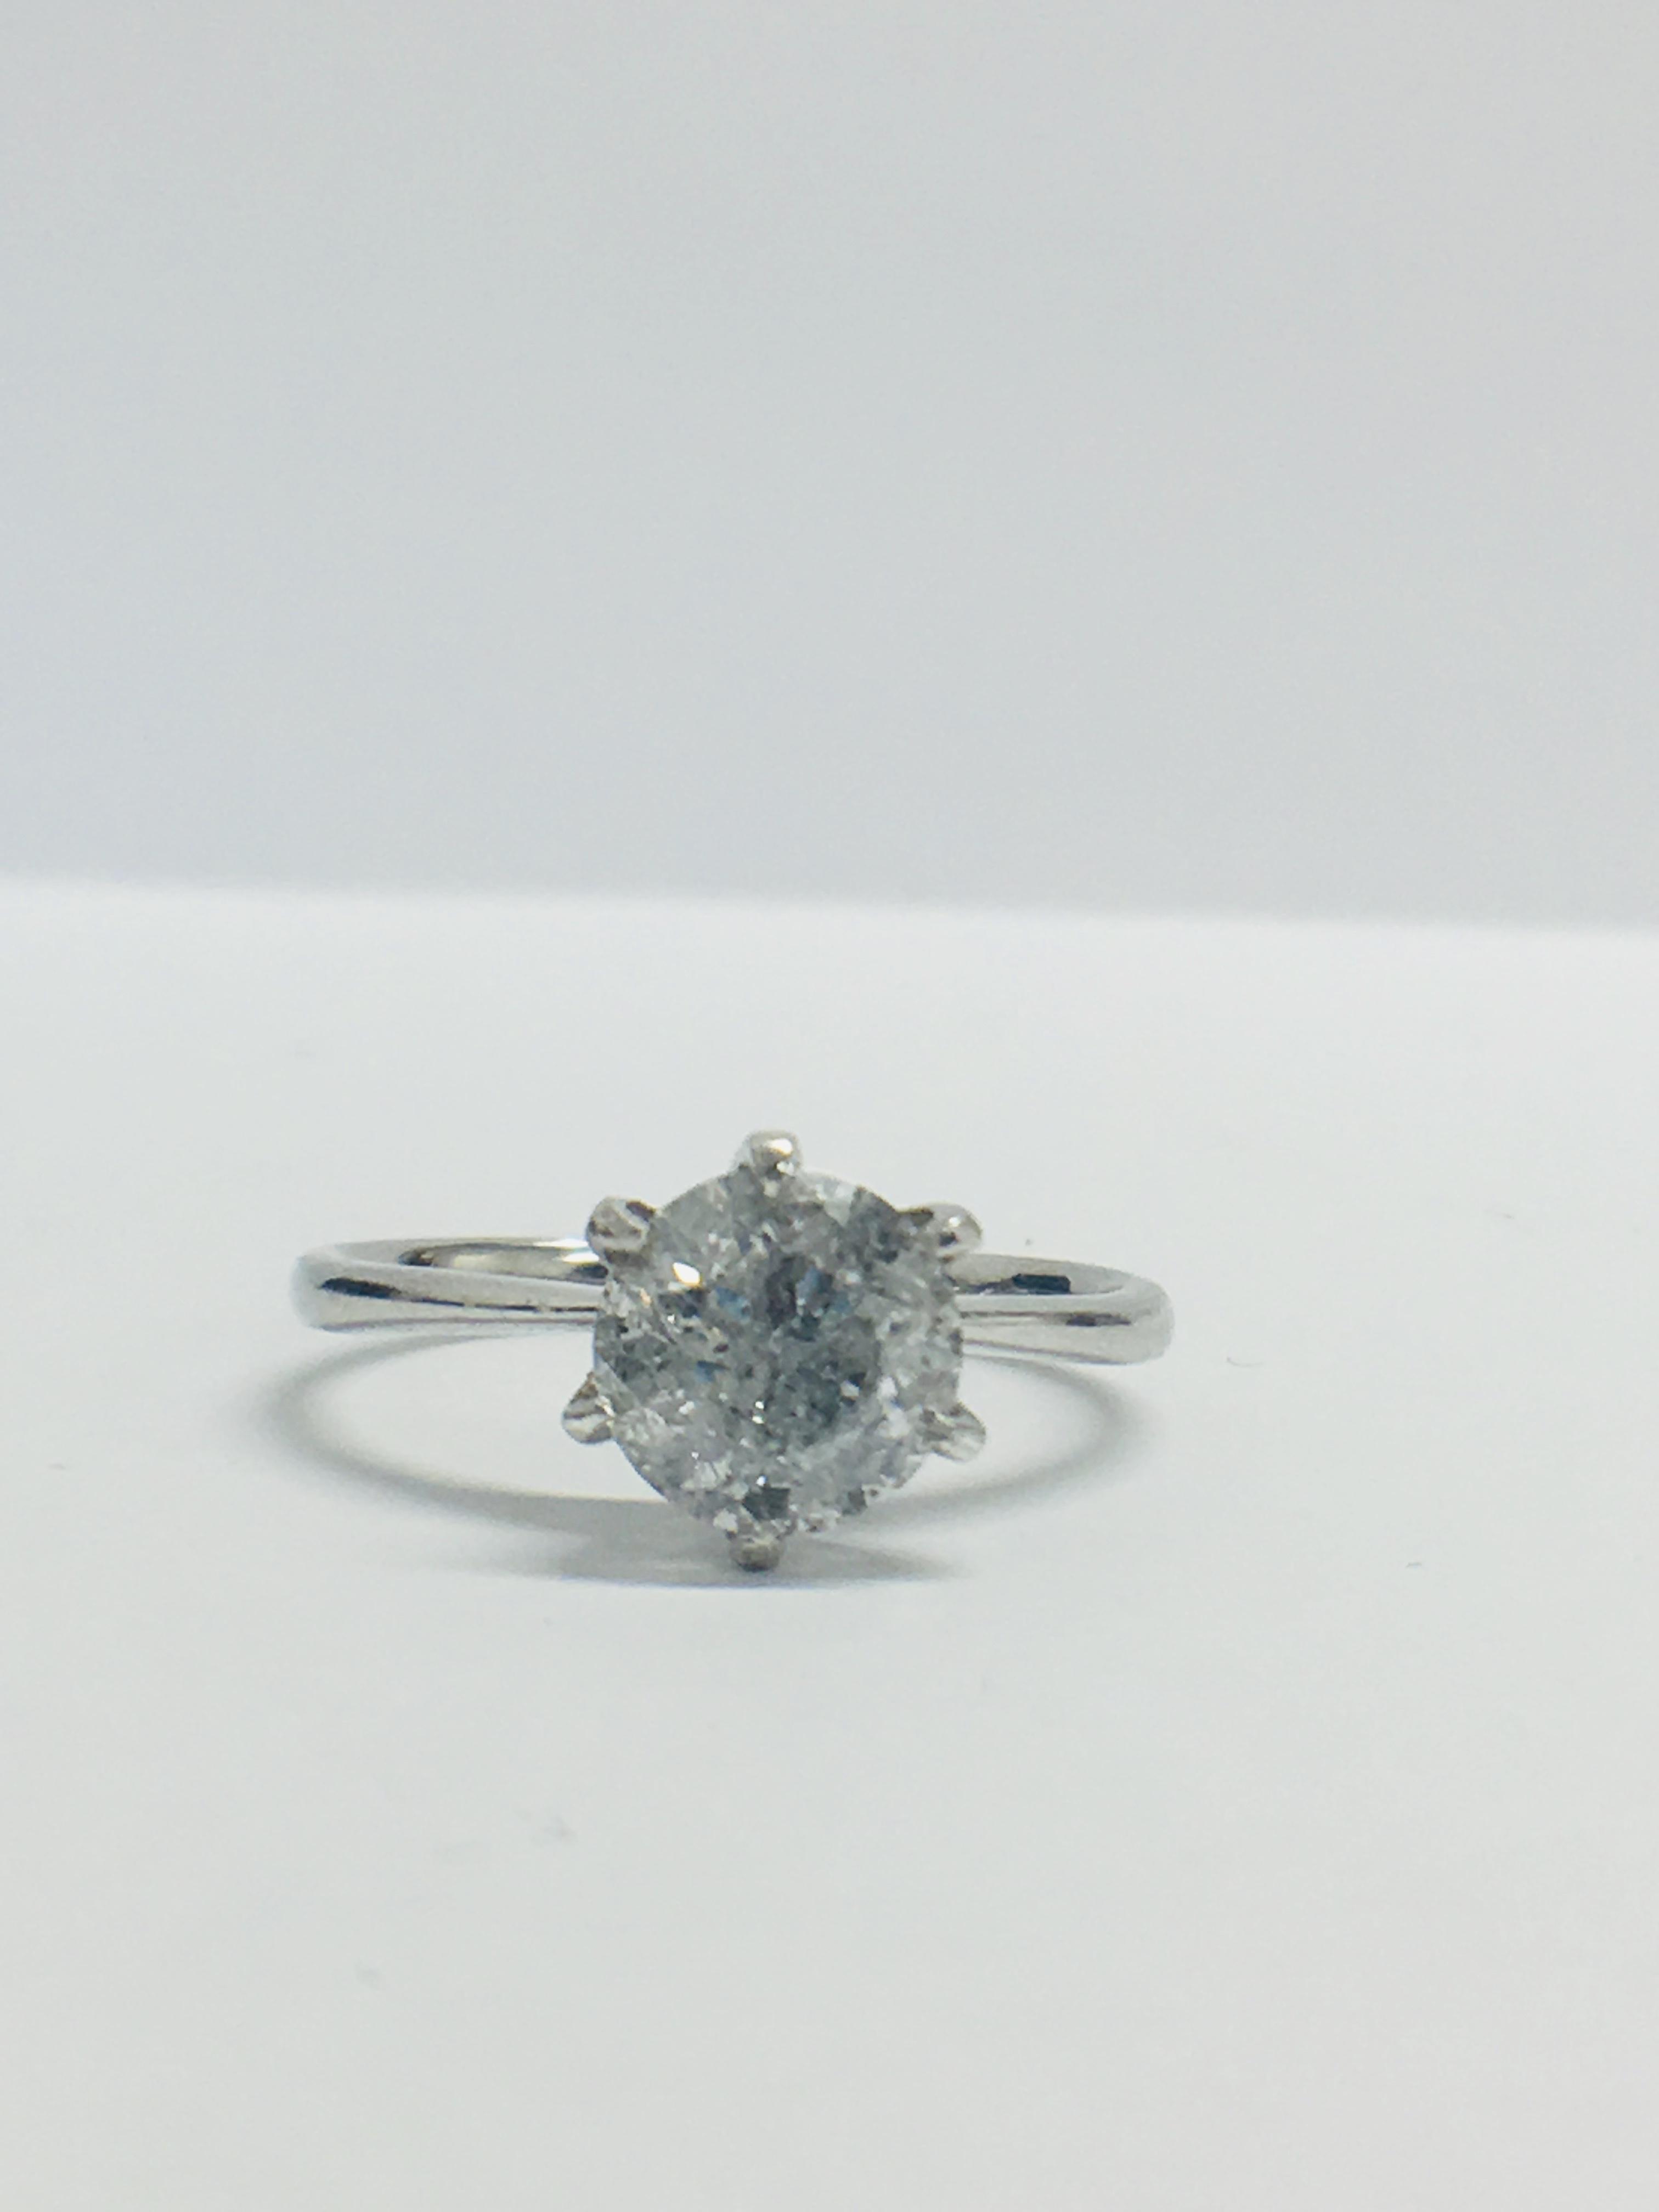 Lot 42 - 1.64ct Platinum Diamond Solitaire Ring